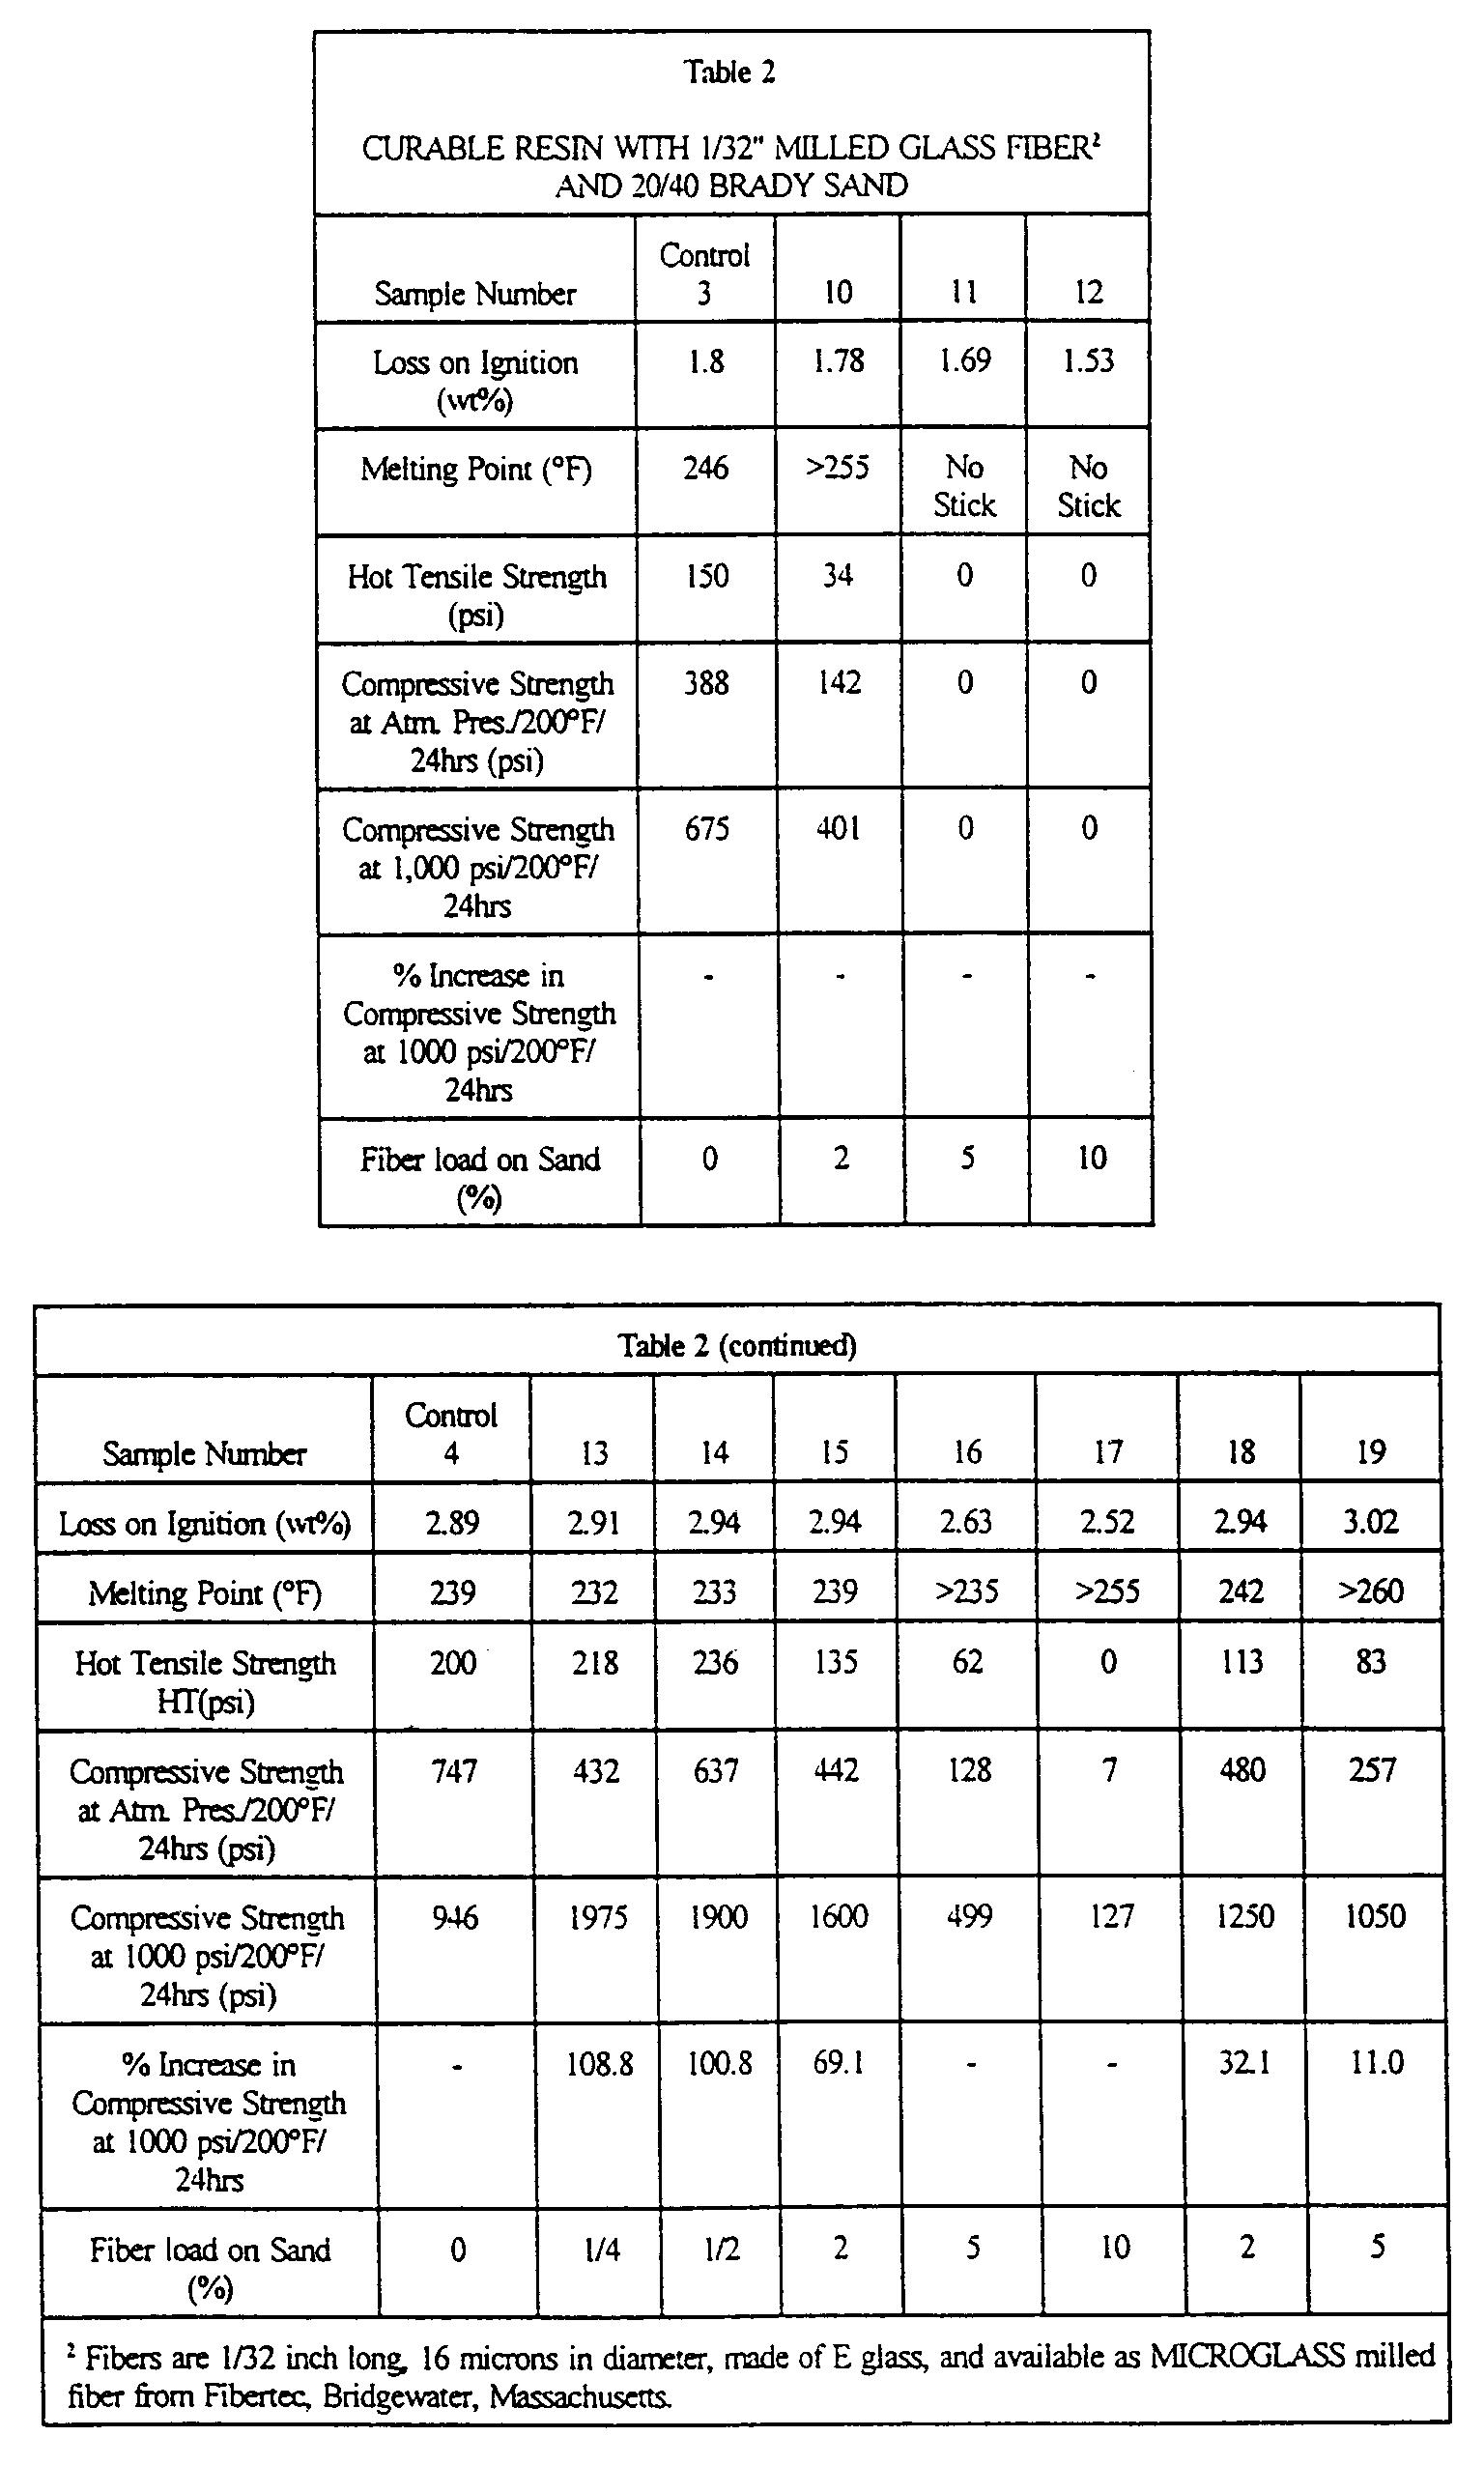 Stimlab proppant consortium